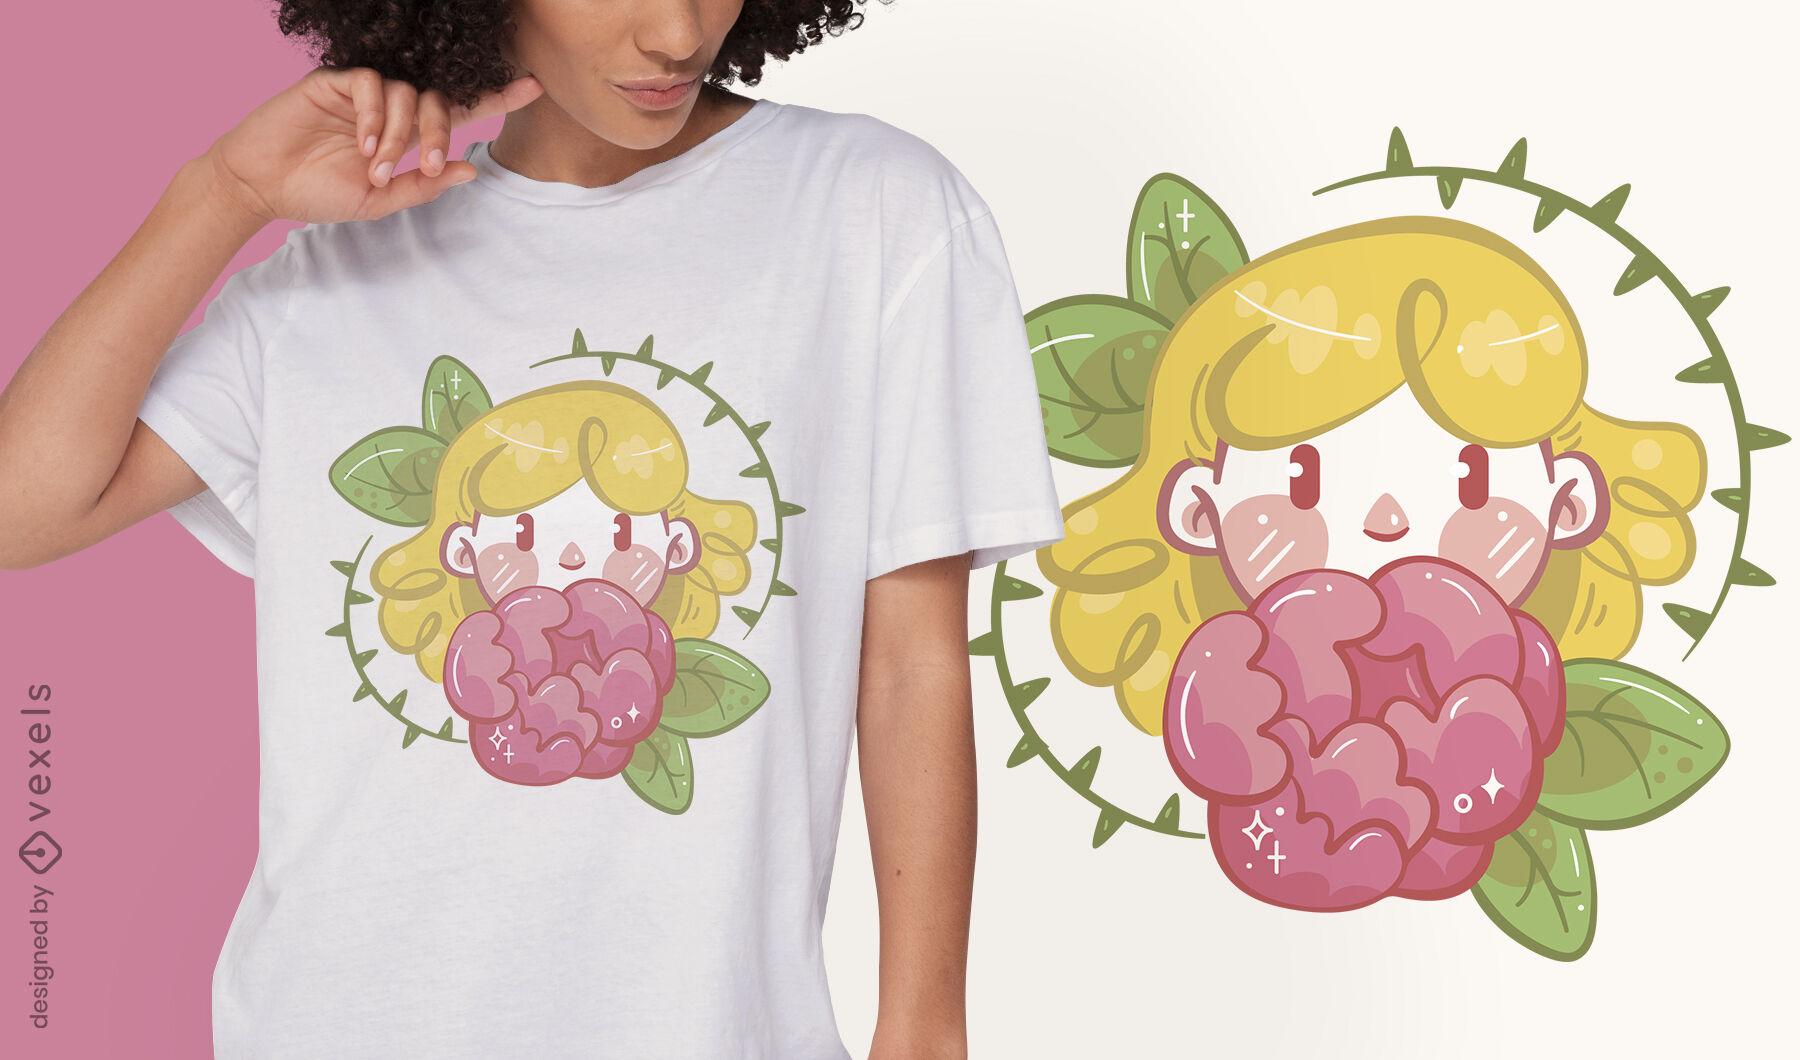 Mädchen mit Blumen-T-Shirt-Design